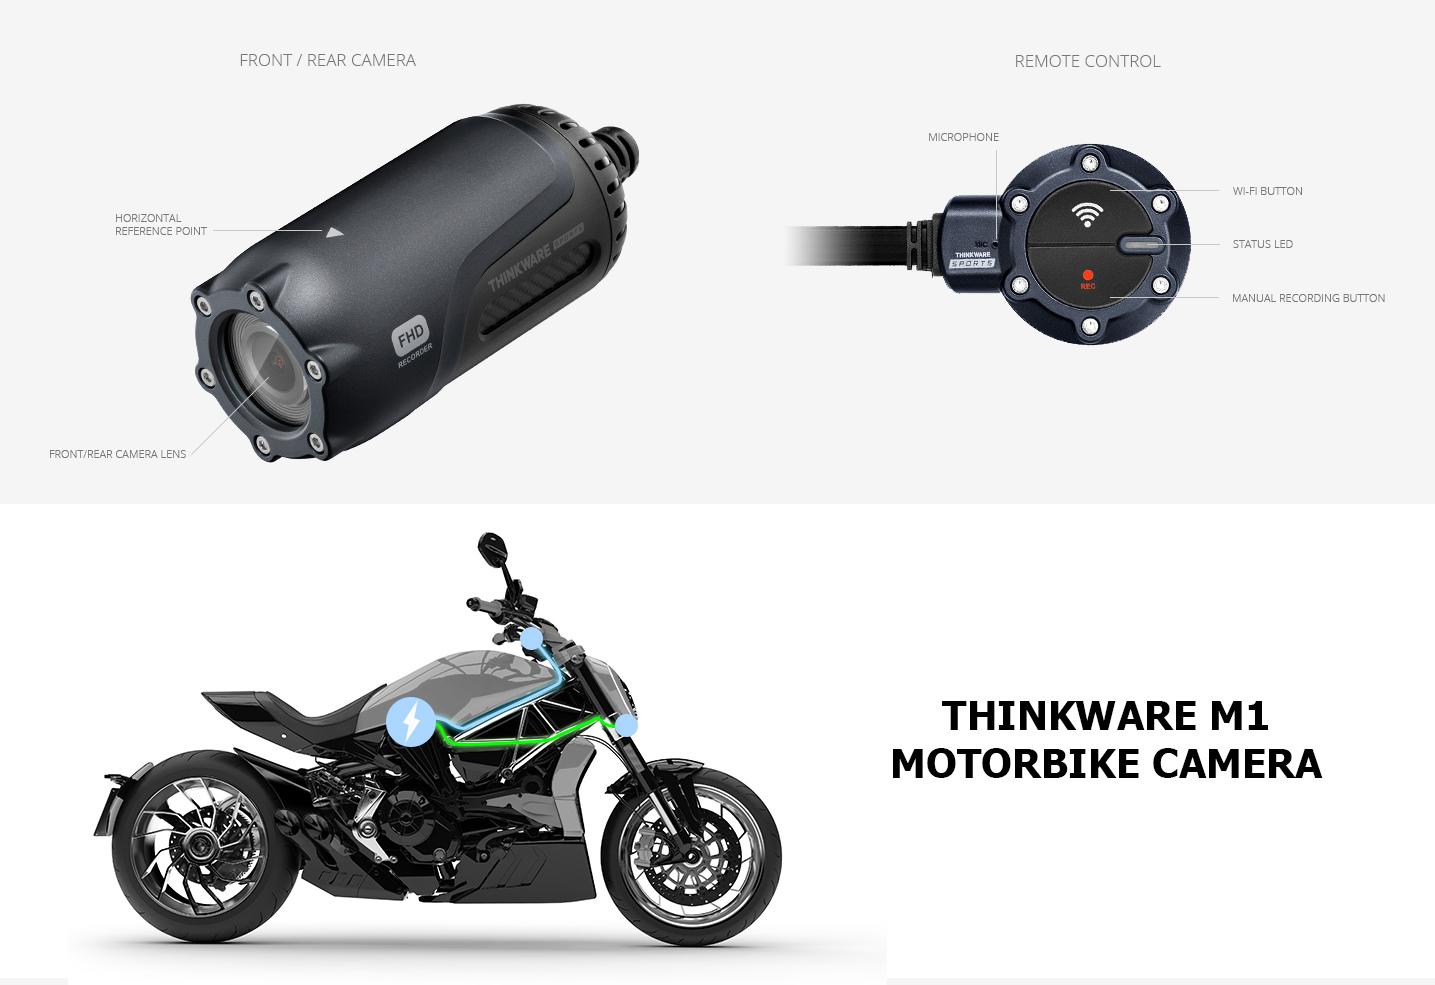 Thinkware M1 - Motorbike Camera